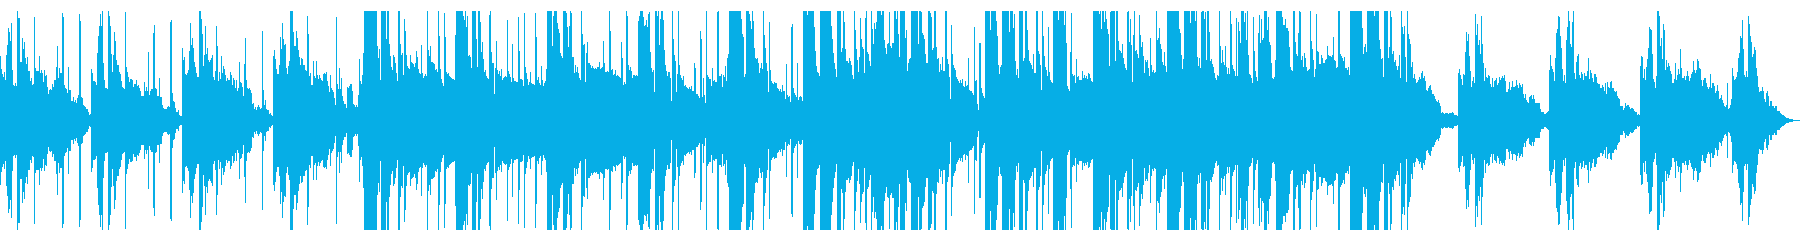 トロピカル ドラマチック 電気ピア...の再生済みの波形